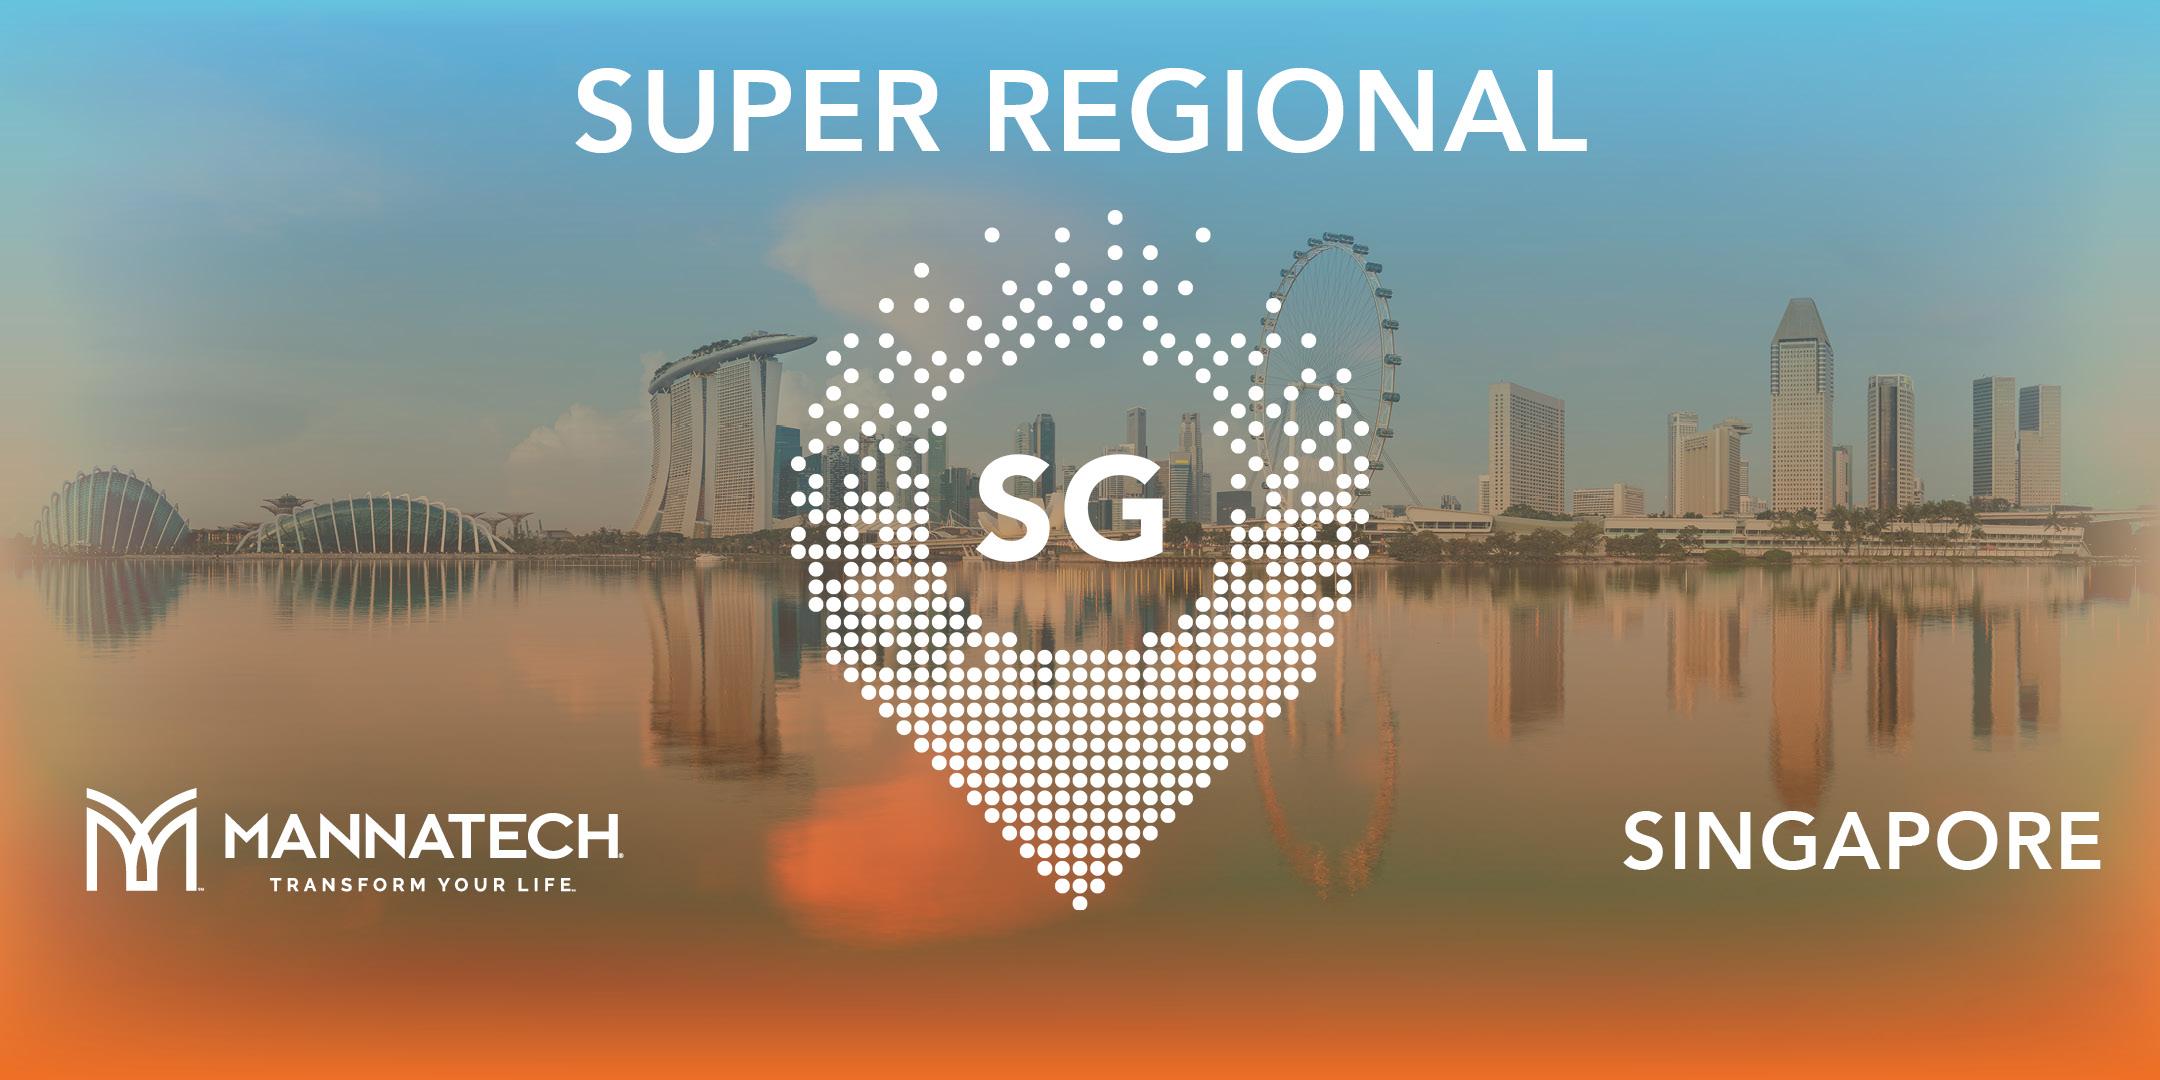 Singapore Super Regional